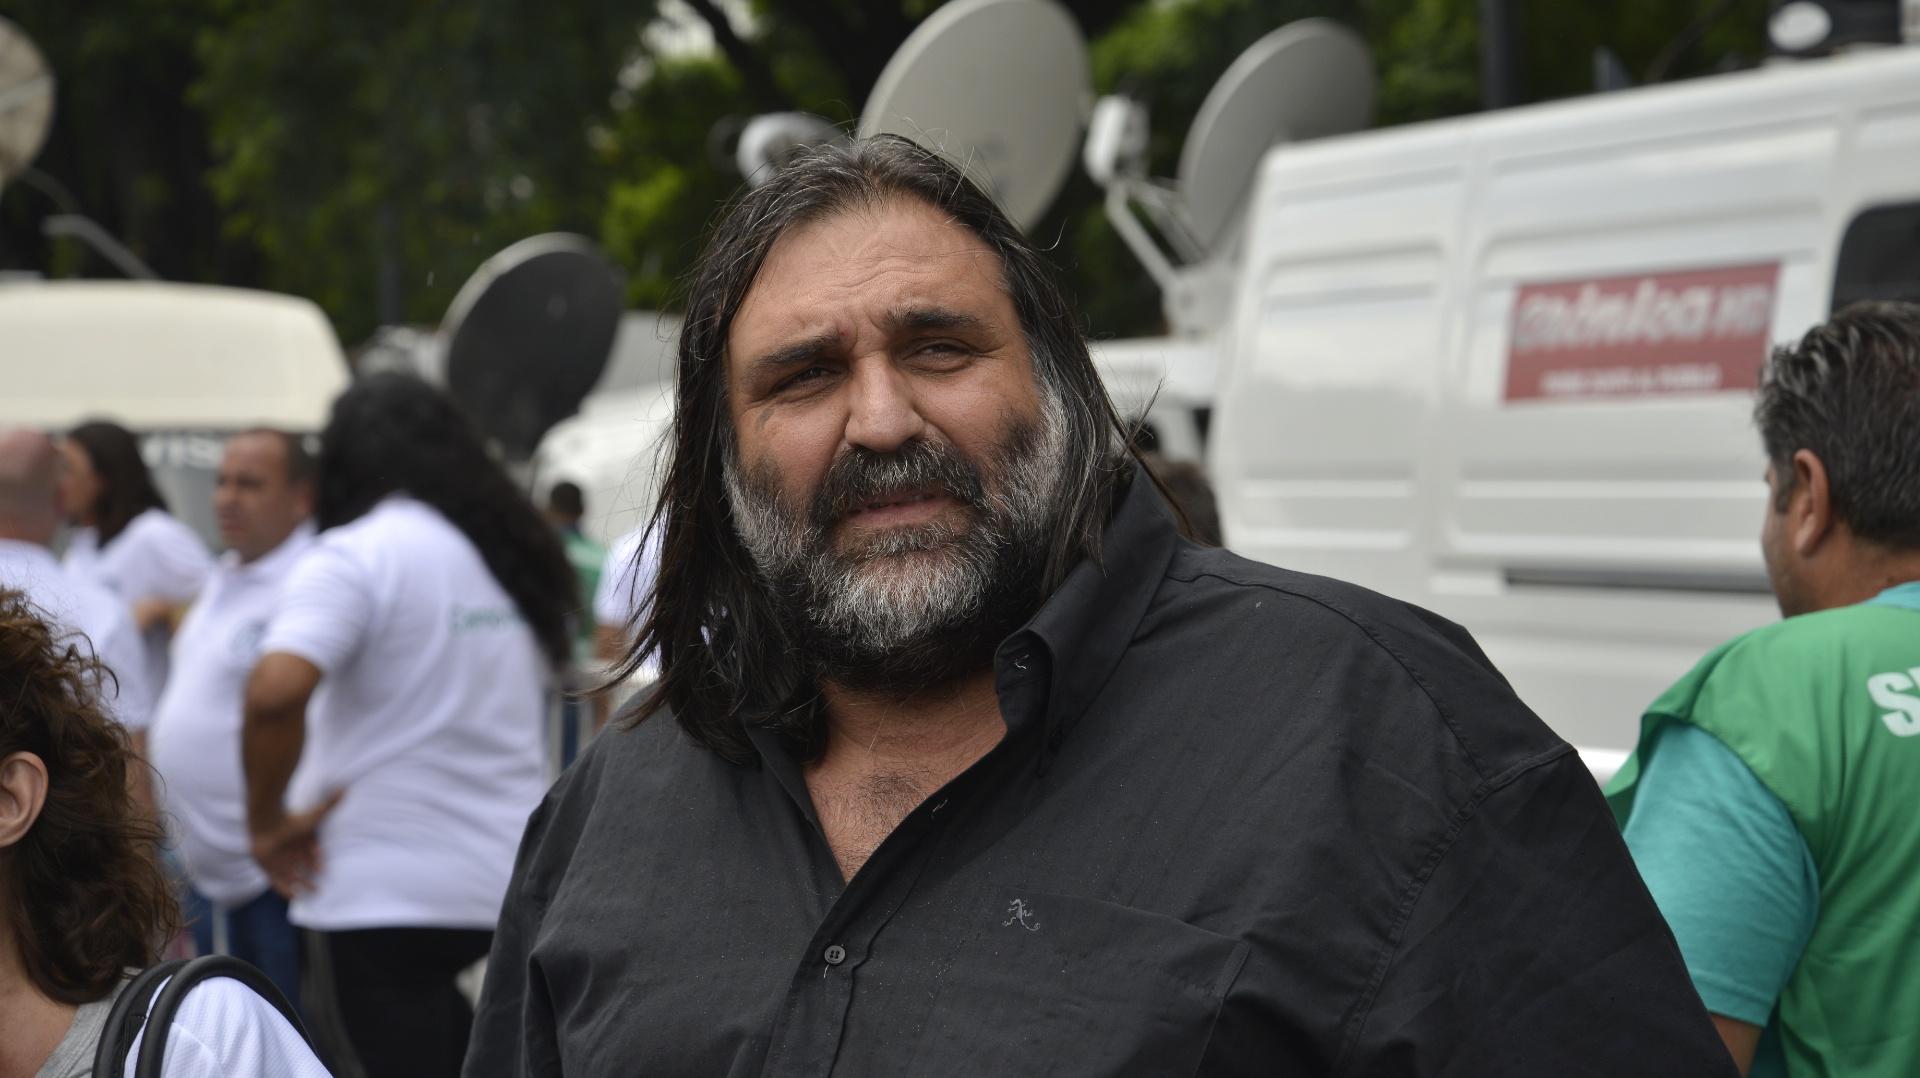 Baradel le pidió a Vidal que cumpla con el fallo judicial